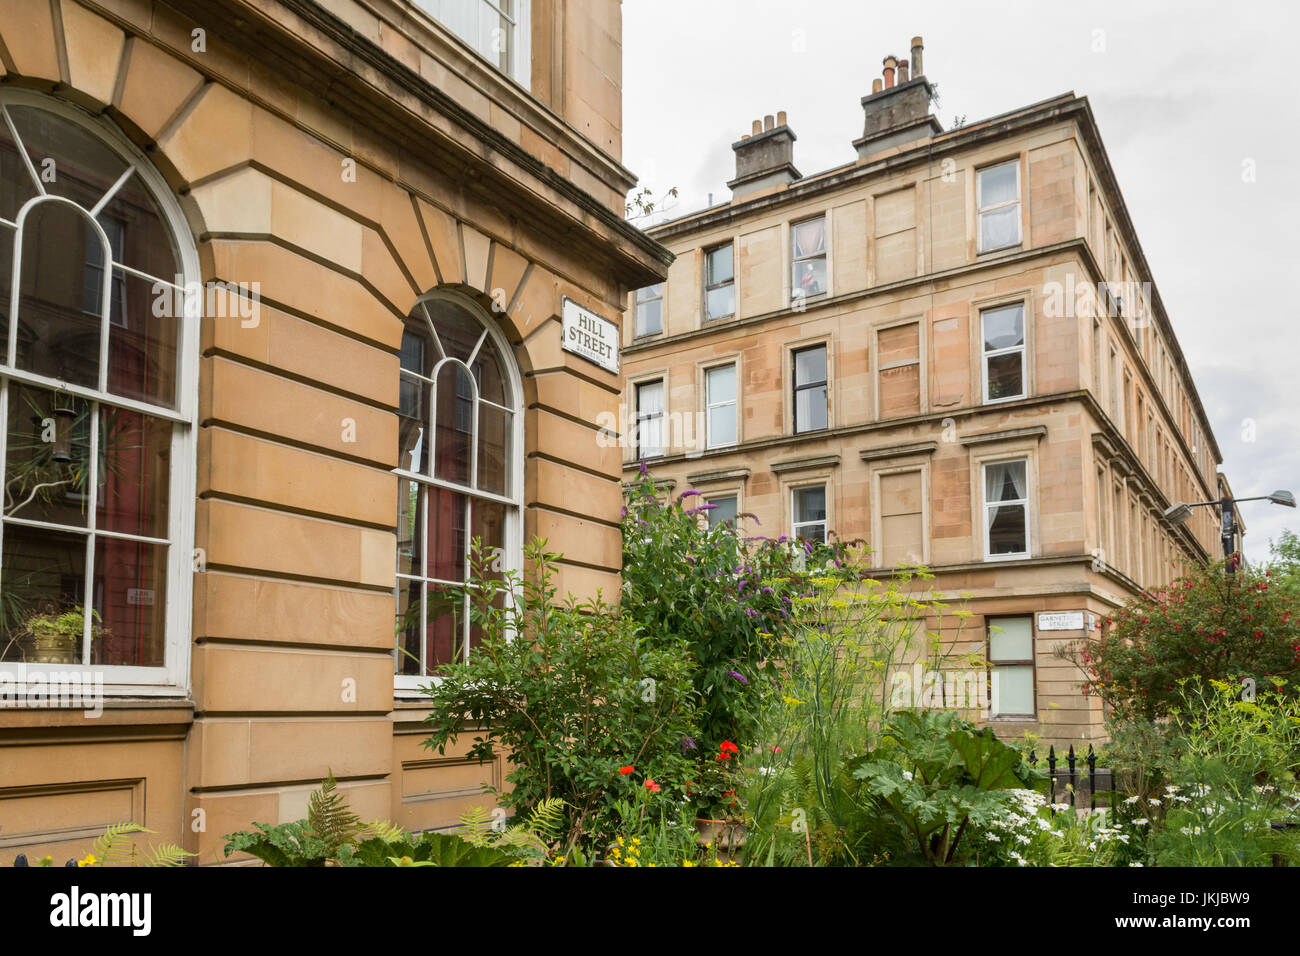 Garnethill - una zona residenziale del centro città di Glasgow, Scotland, Regno Unito Immagini Stock